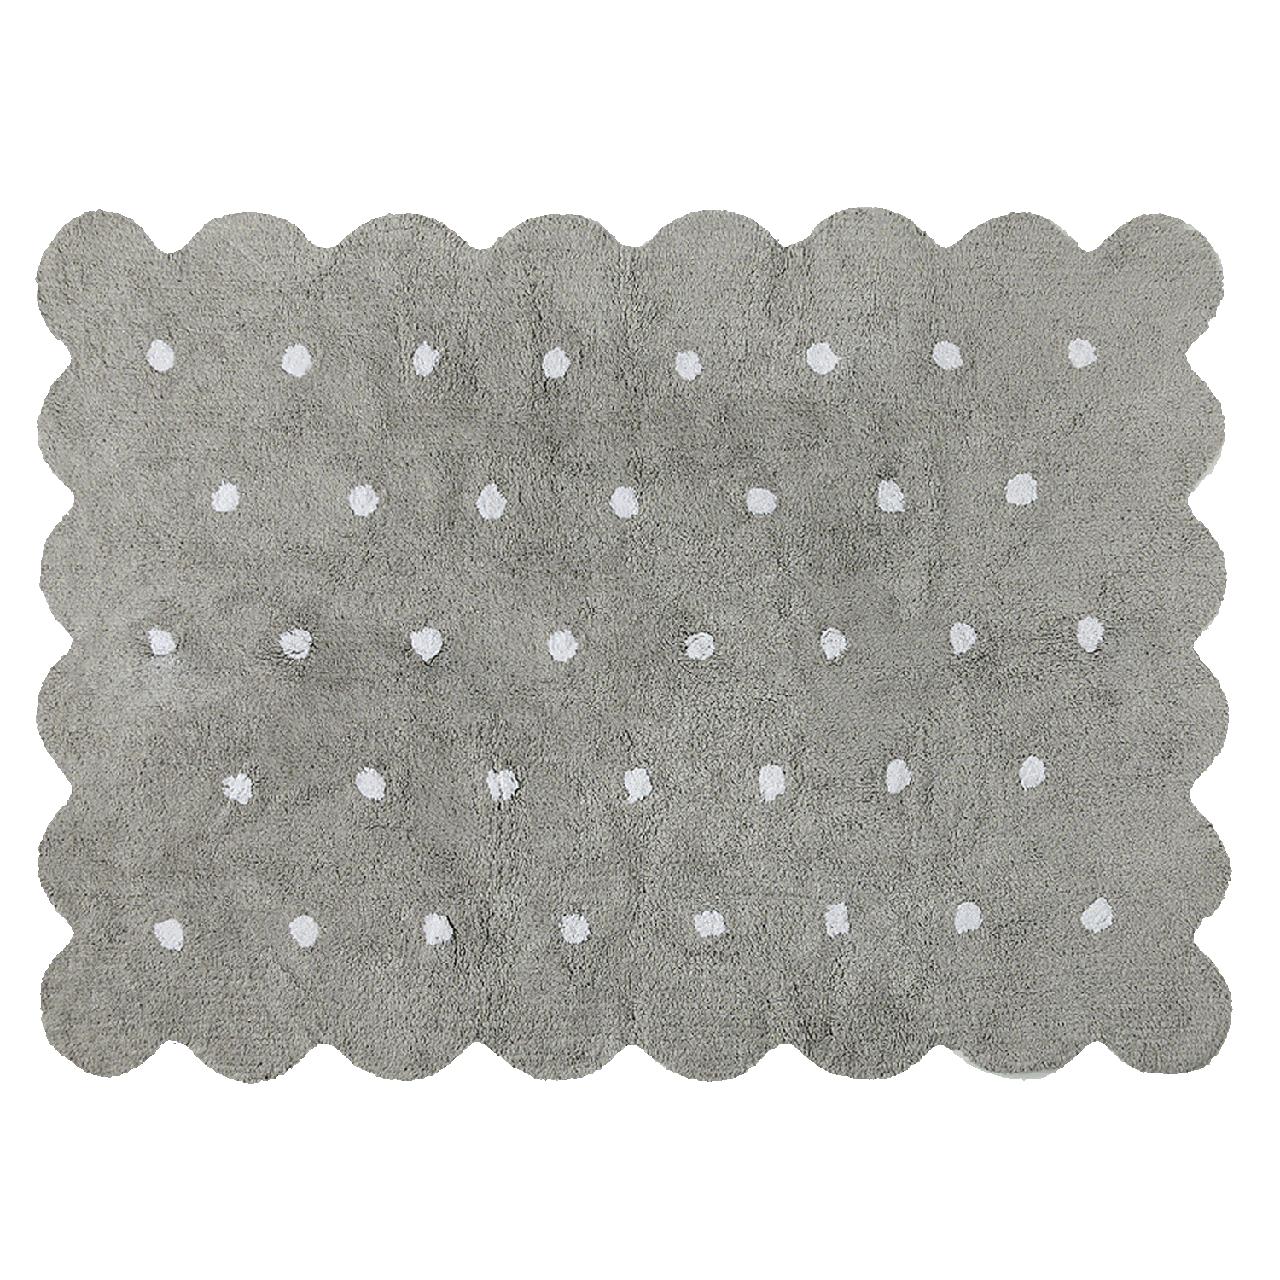 Ковер Lorena Canals Biscuit 120 x 160 cm Gray